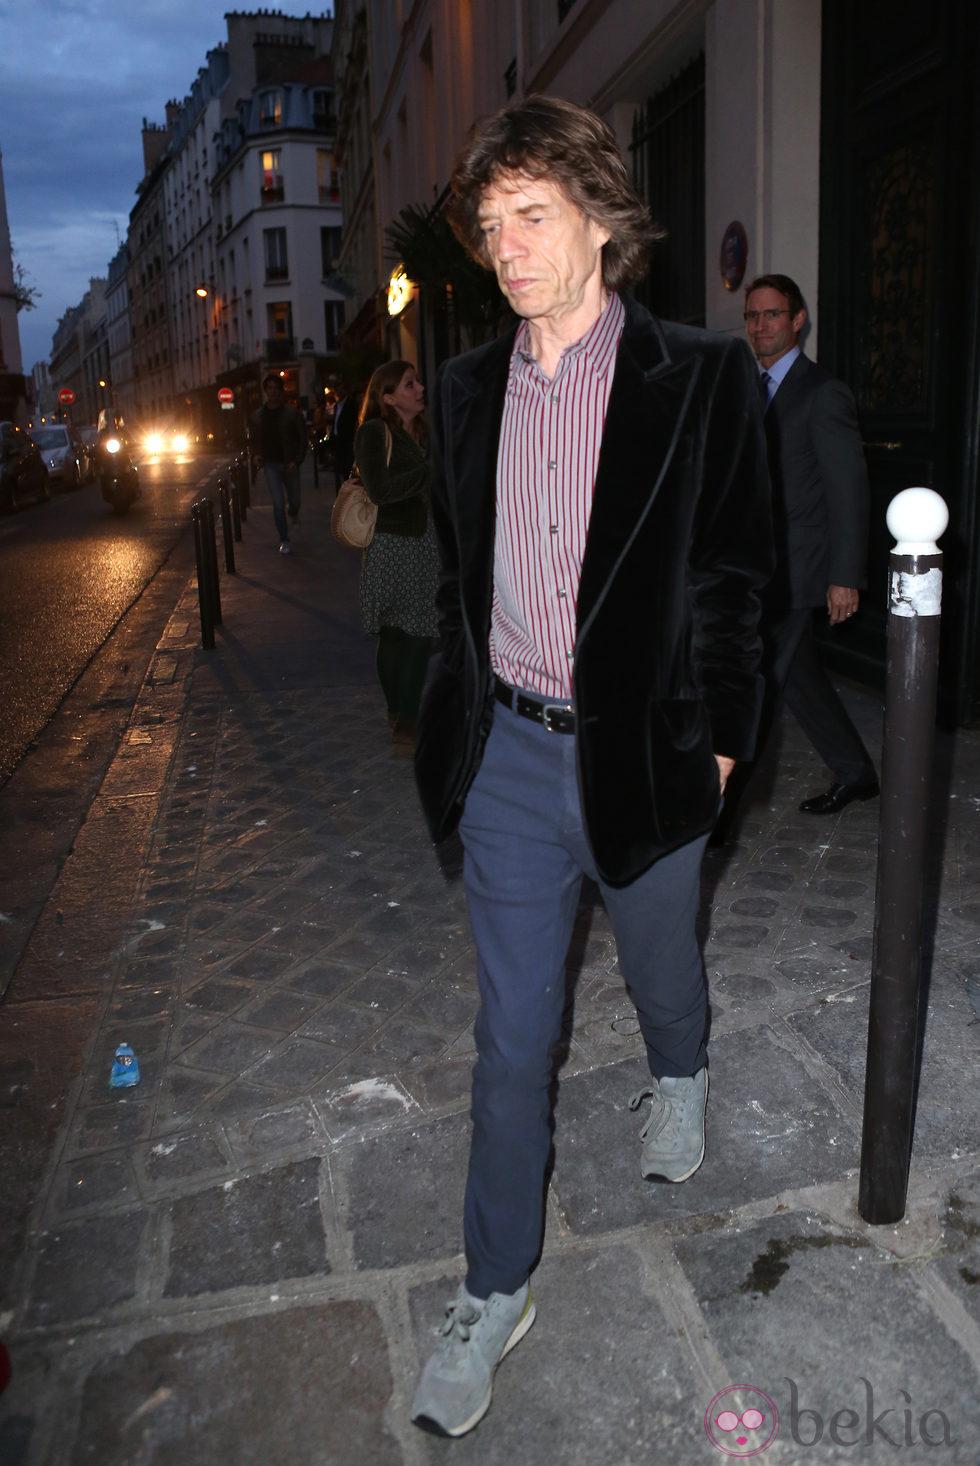 Mick Jagger en una cena de apoyo a la campaña de Barack Obama en París